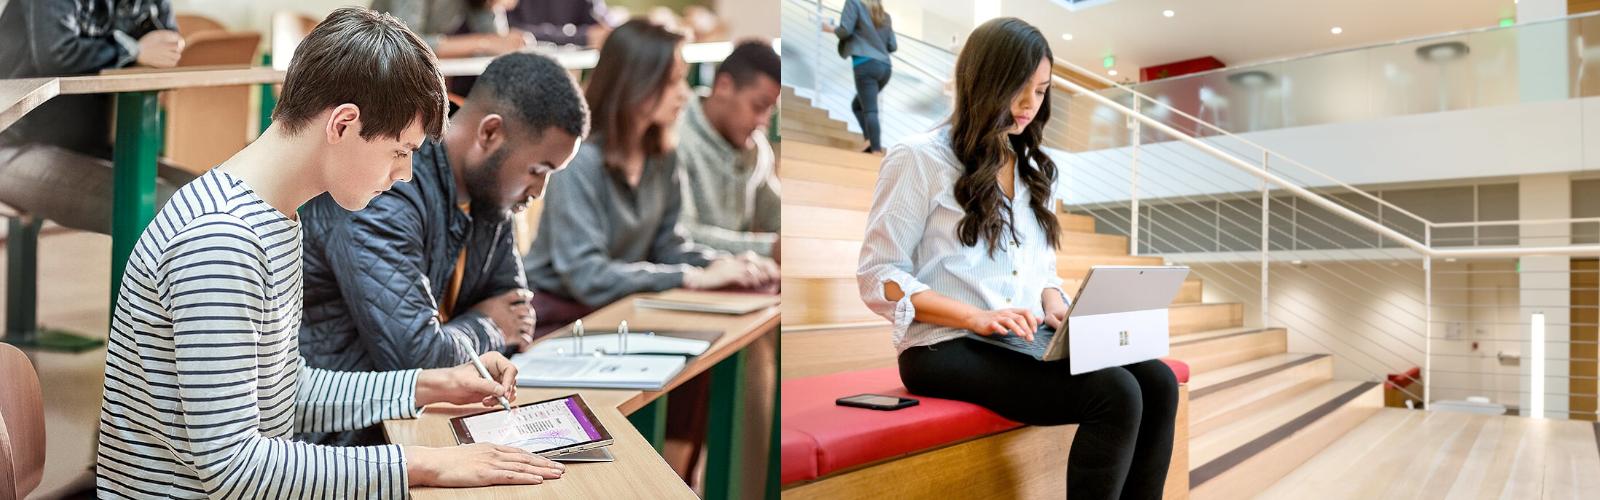 Lernende arbeite in verschiedenen Bereichen einer Hochschule mit dem Surface Pro